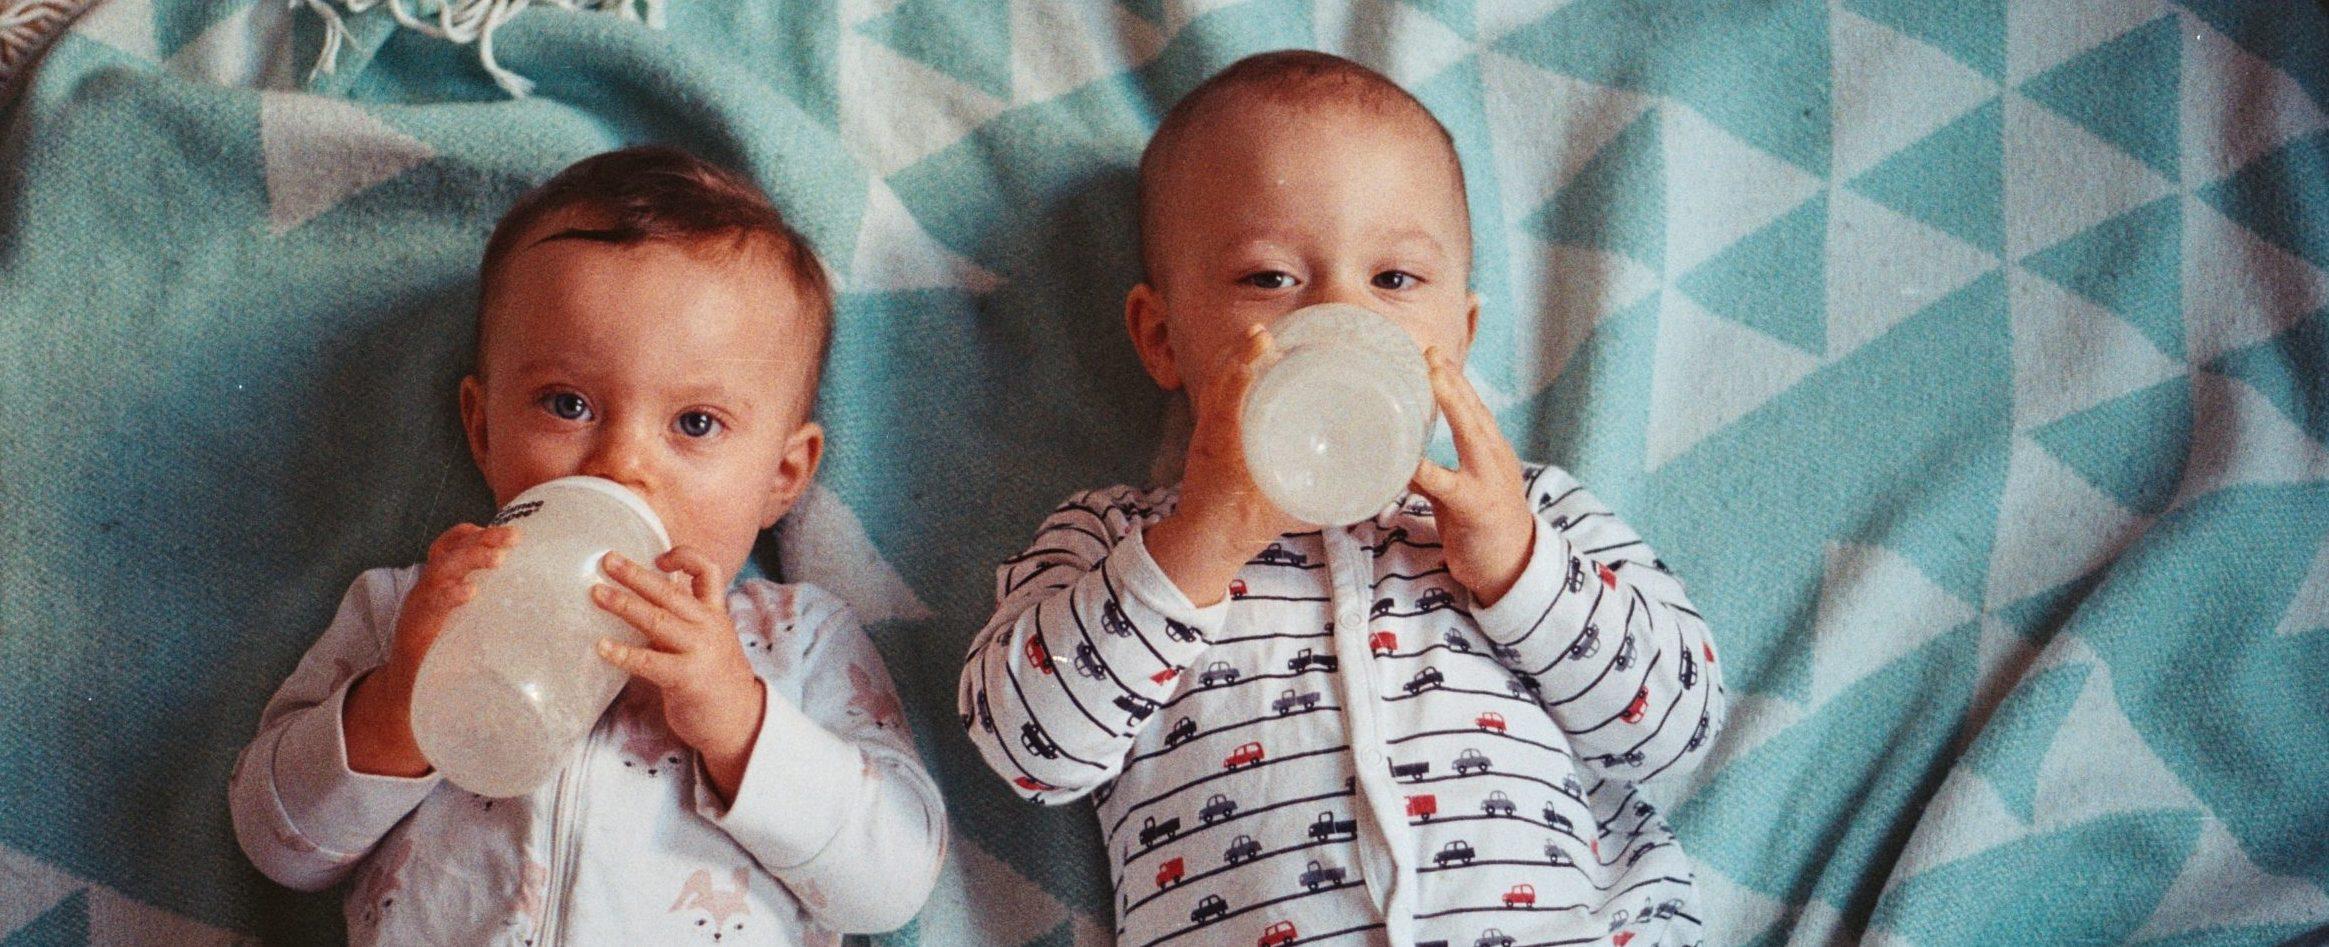 waga dziecka i karmienie